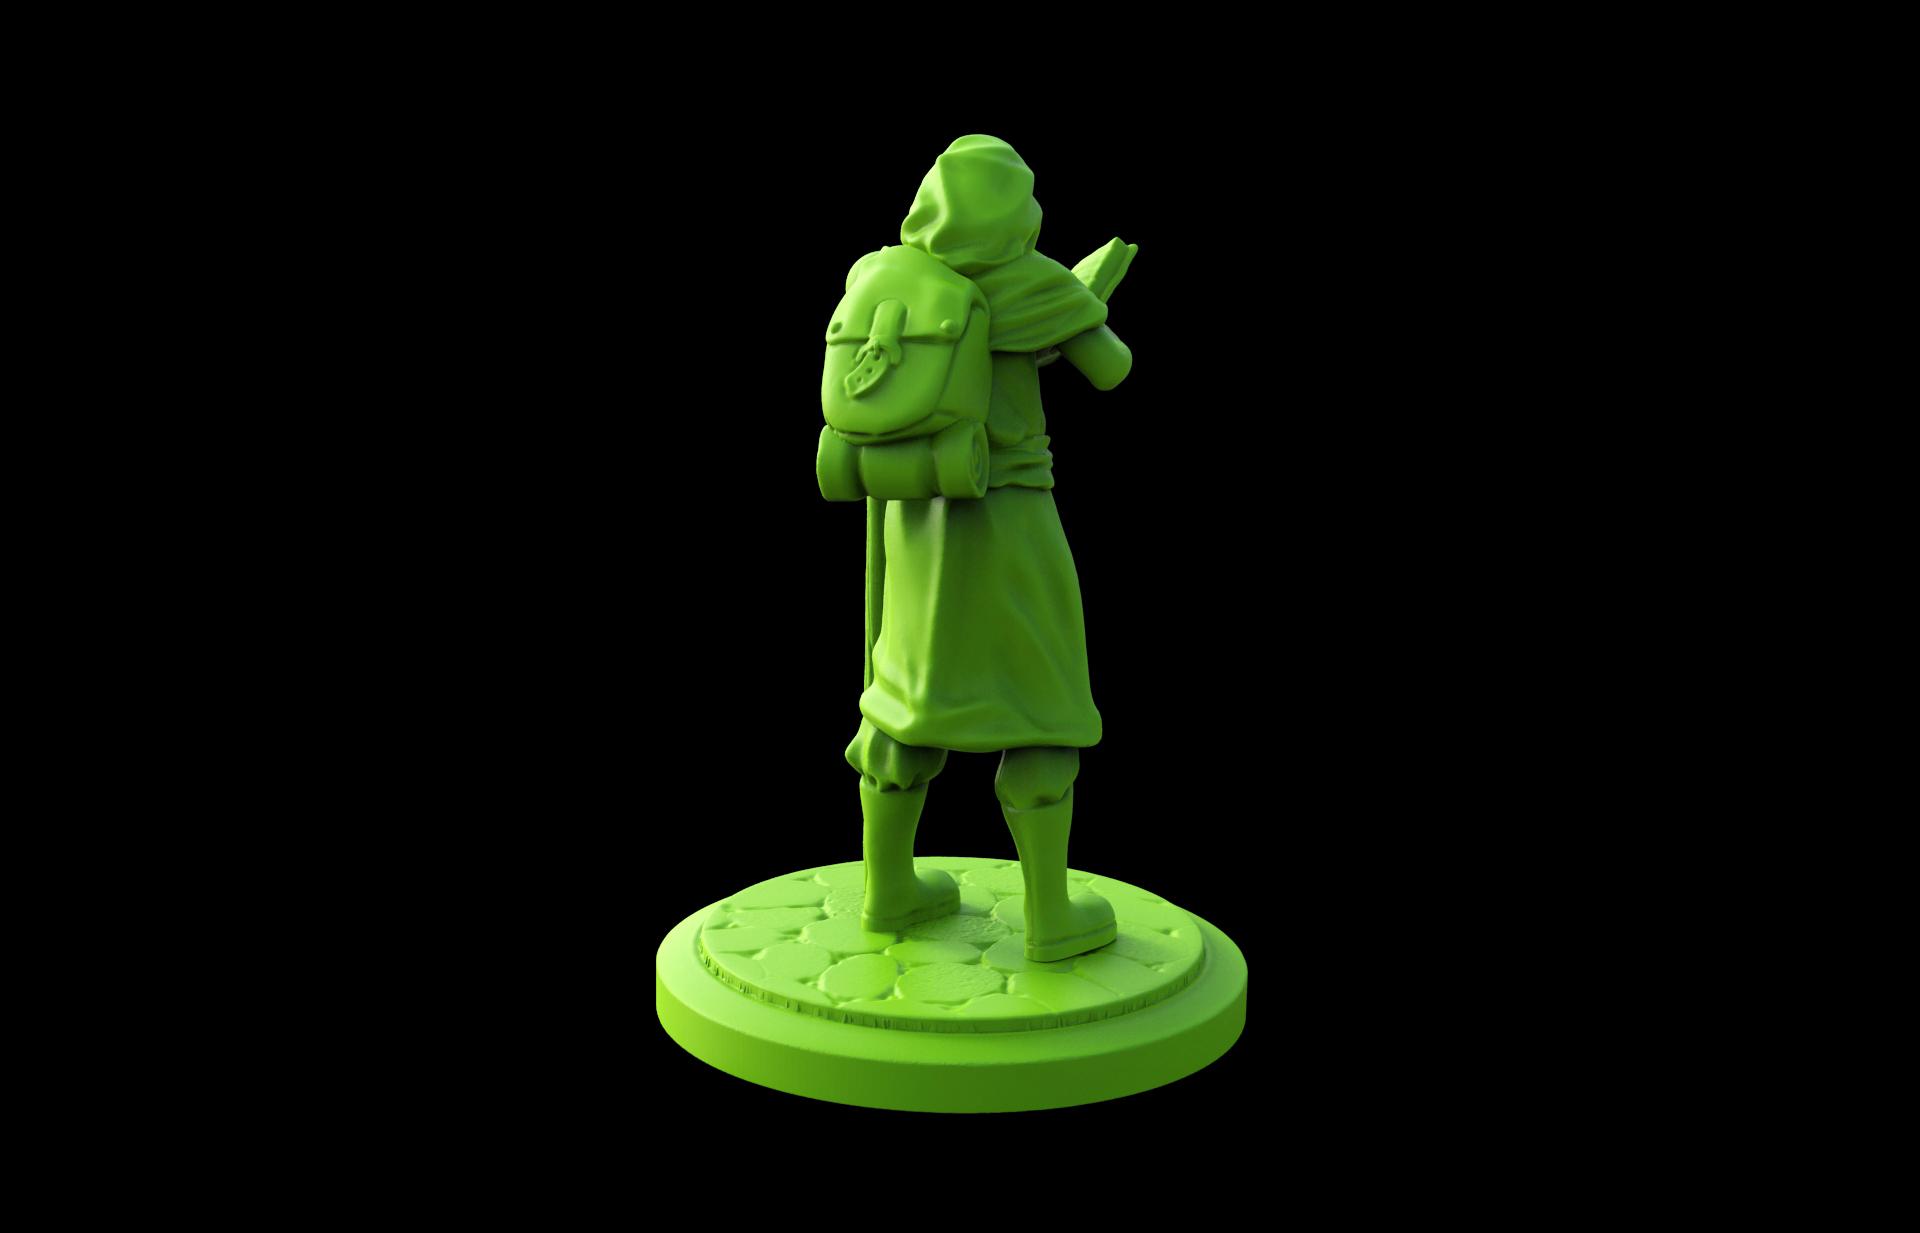 3d-printable-Wizard-Apprentice-miniature-back-view.jpg Download STL file Wizard Apprentice Miniature • 3D printer design, Nello